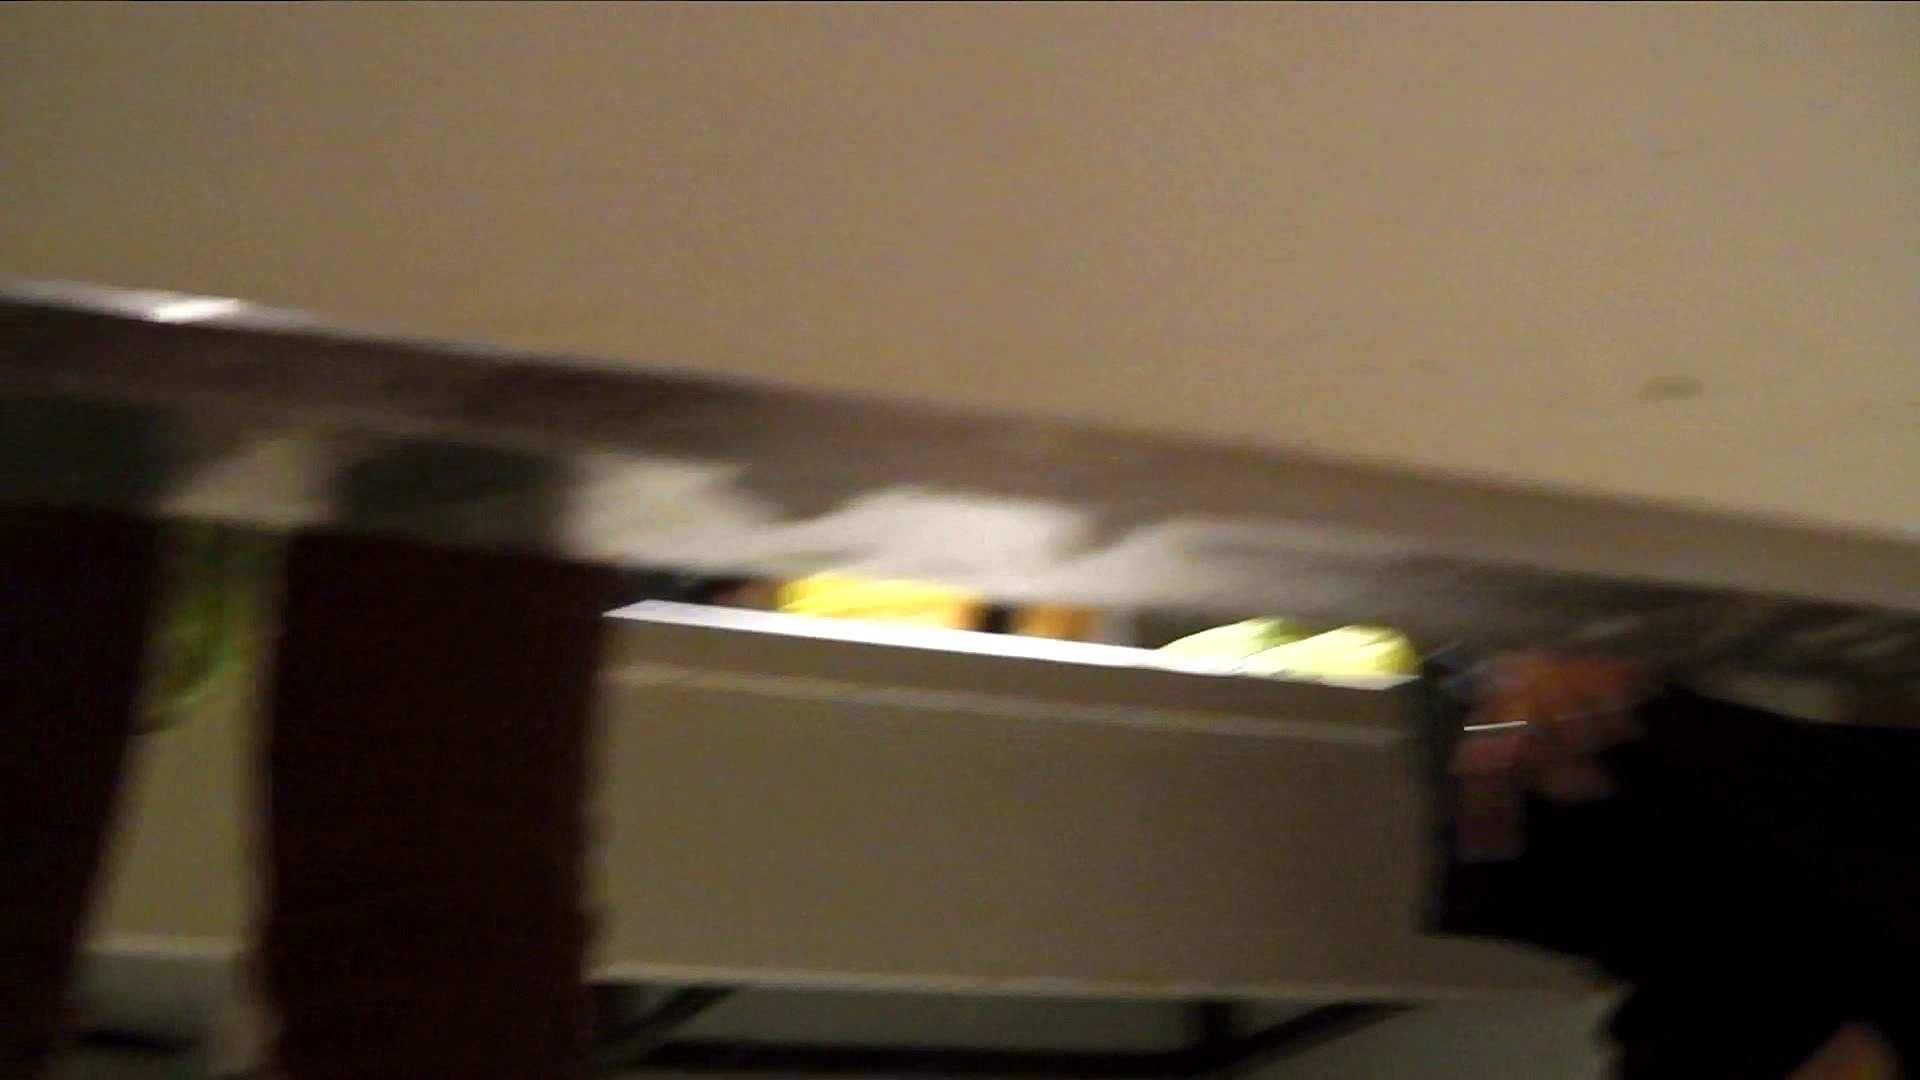 洗寿観音さんの 化粧室は四面楚歌Nol.4 洗面所 | 色っぽいOL達  104pic 55